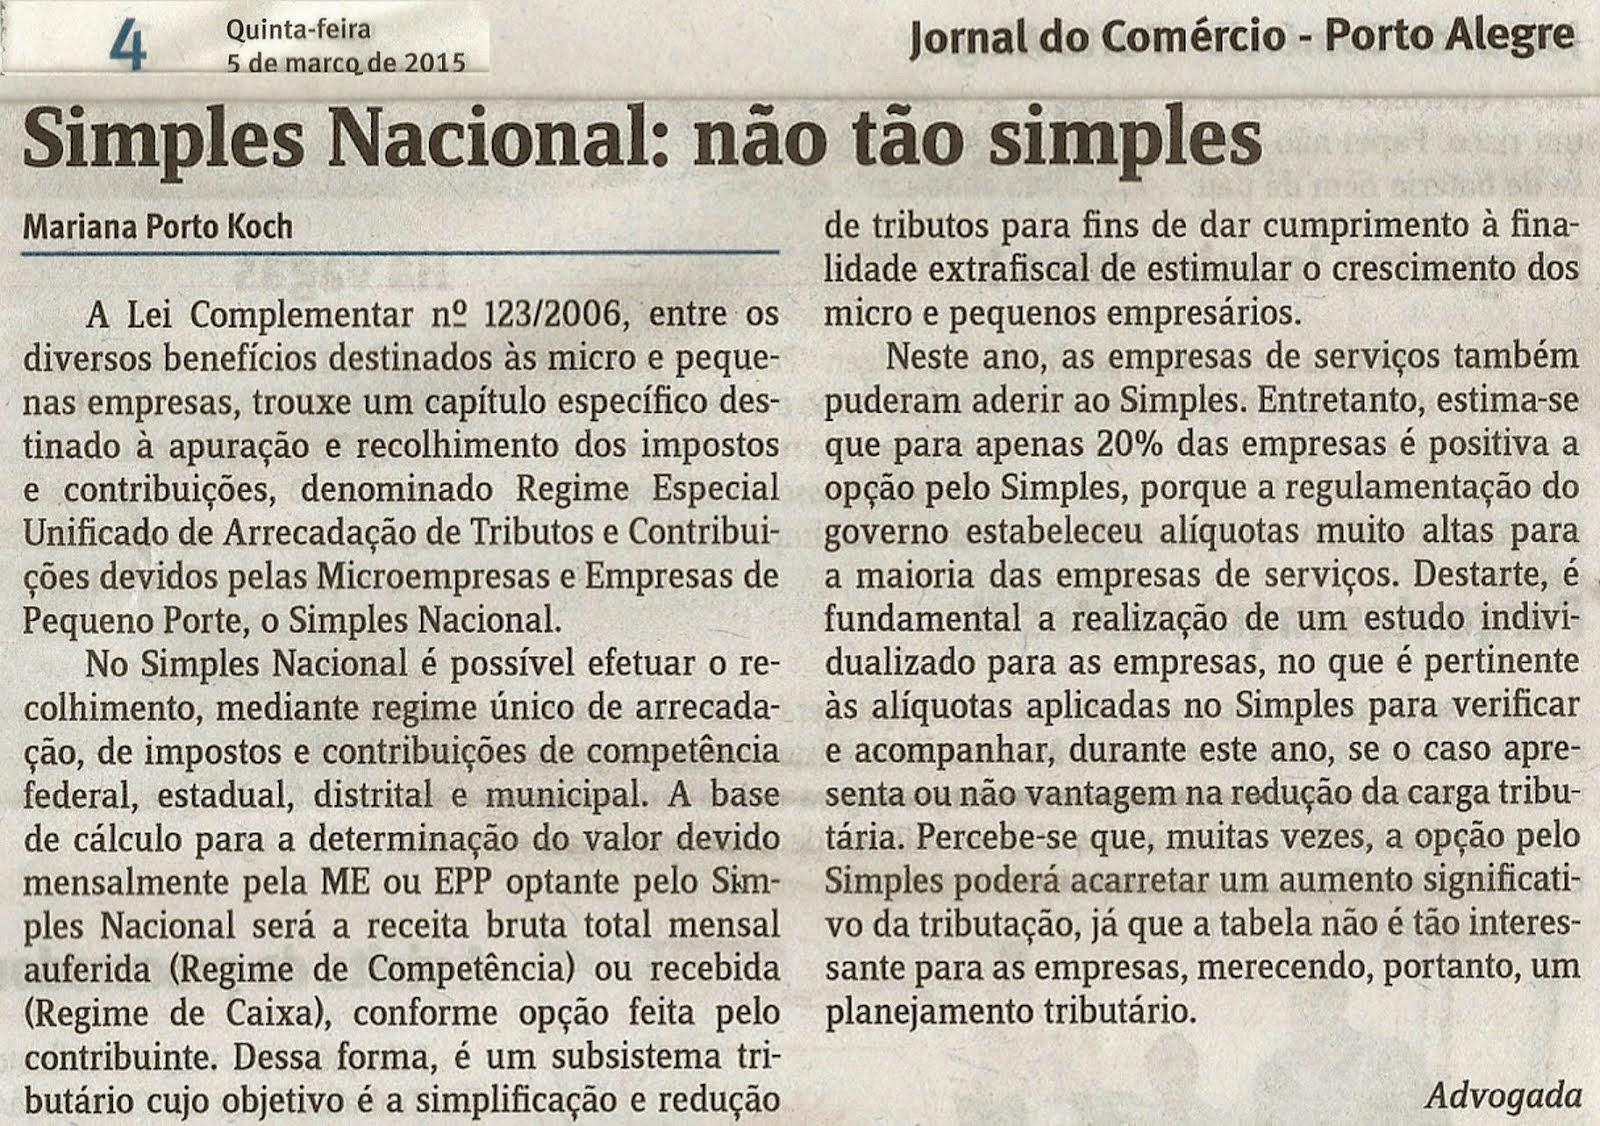 Simples Nacional: não tão simples – Jornal do Comércio 05.03.2015 – Mariana Porto Koch